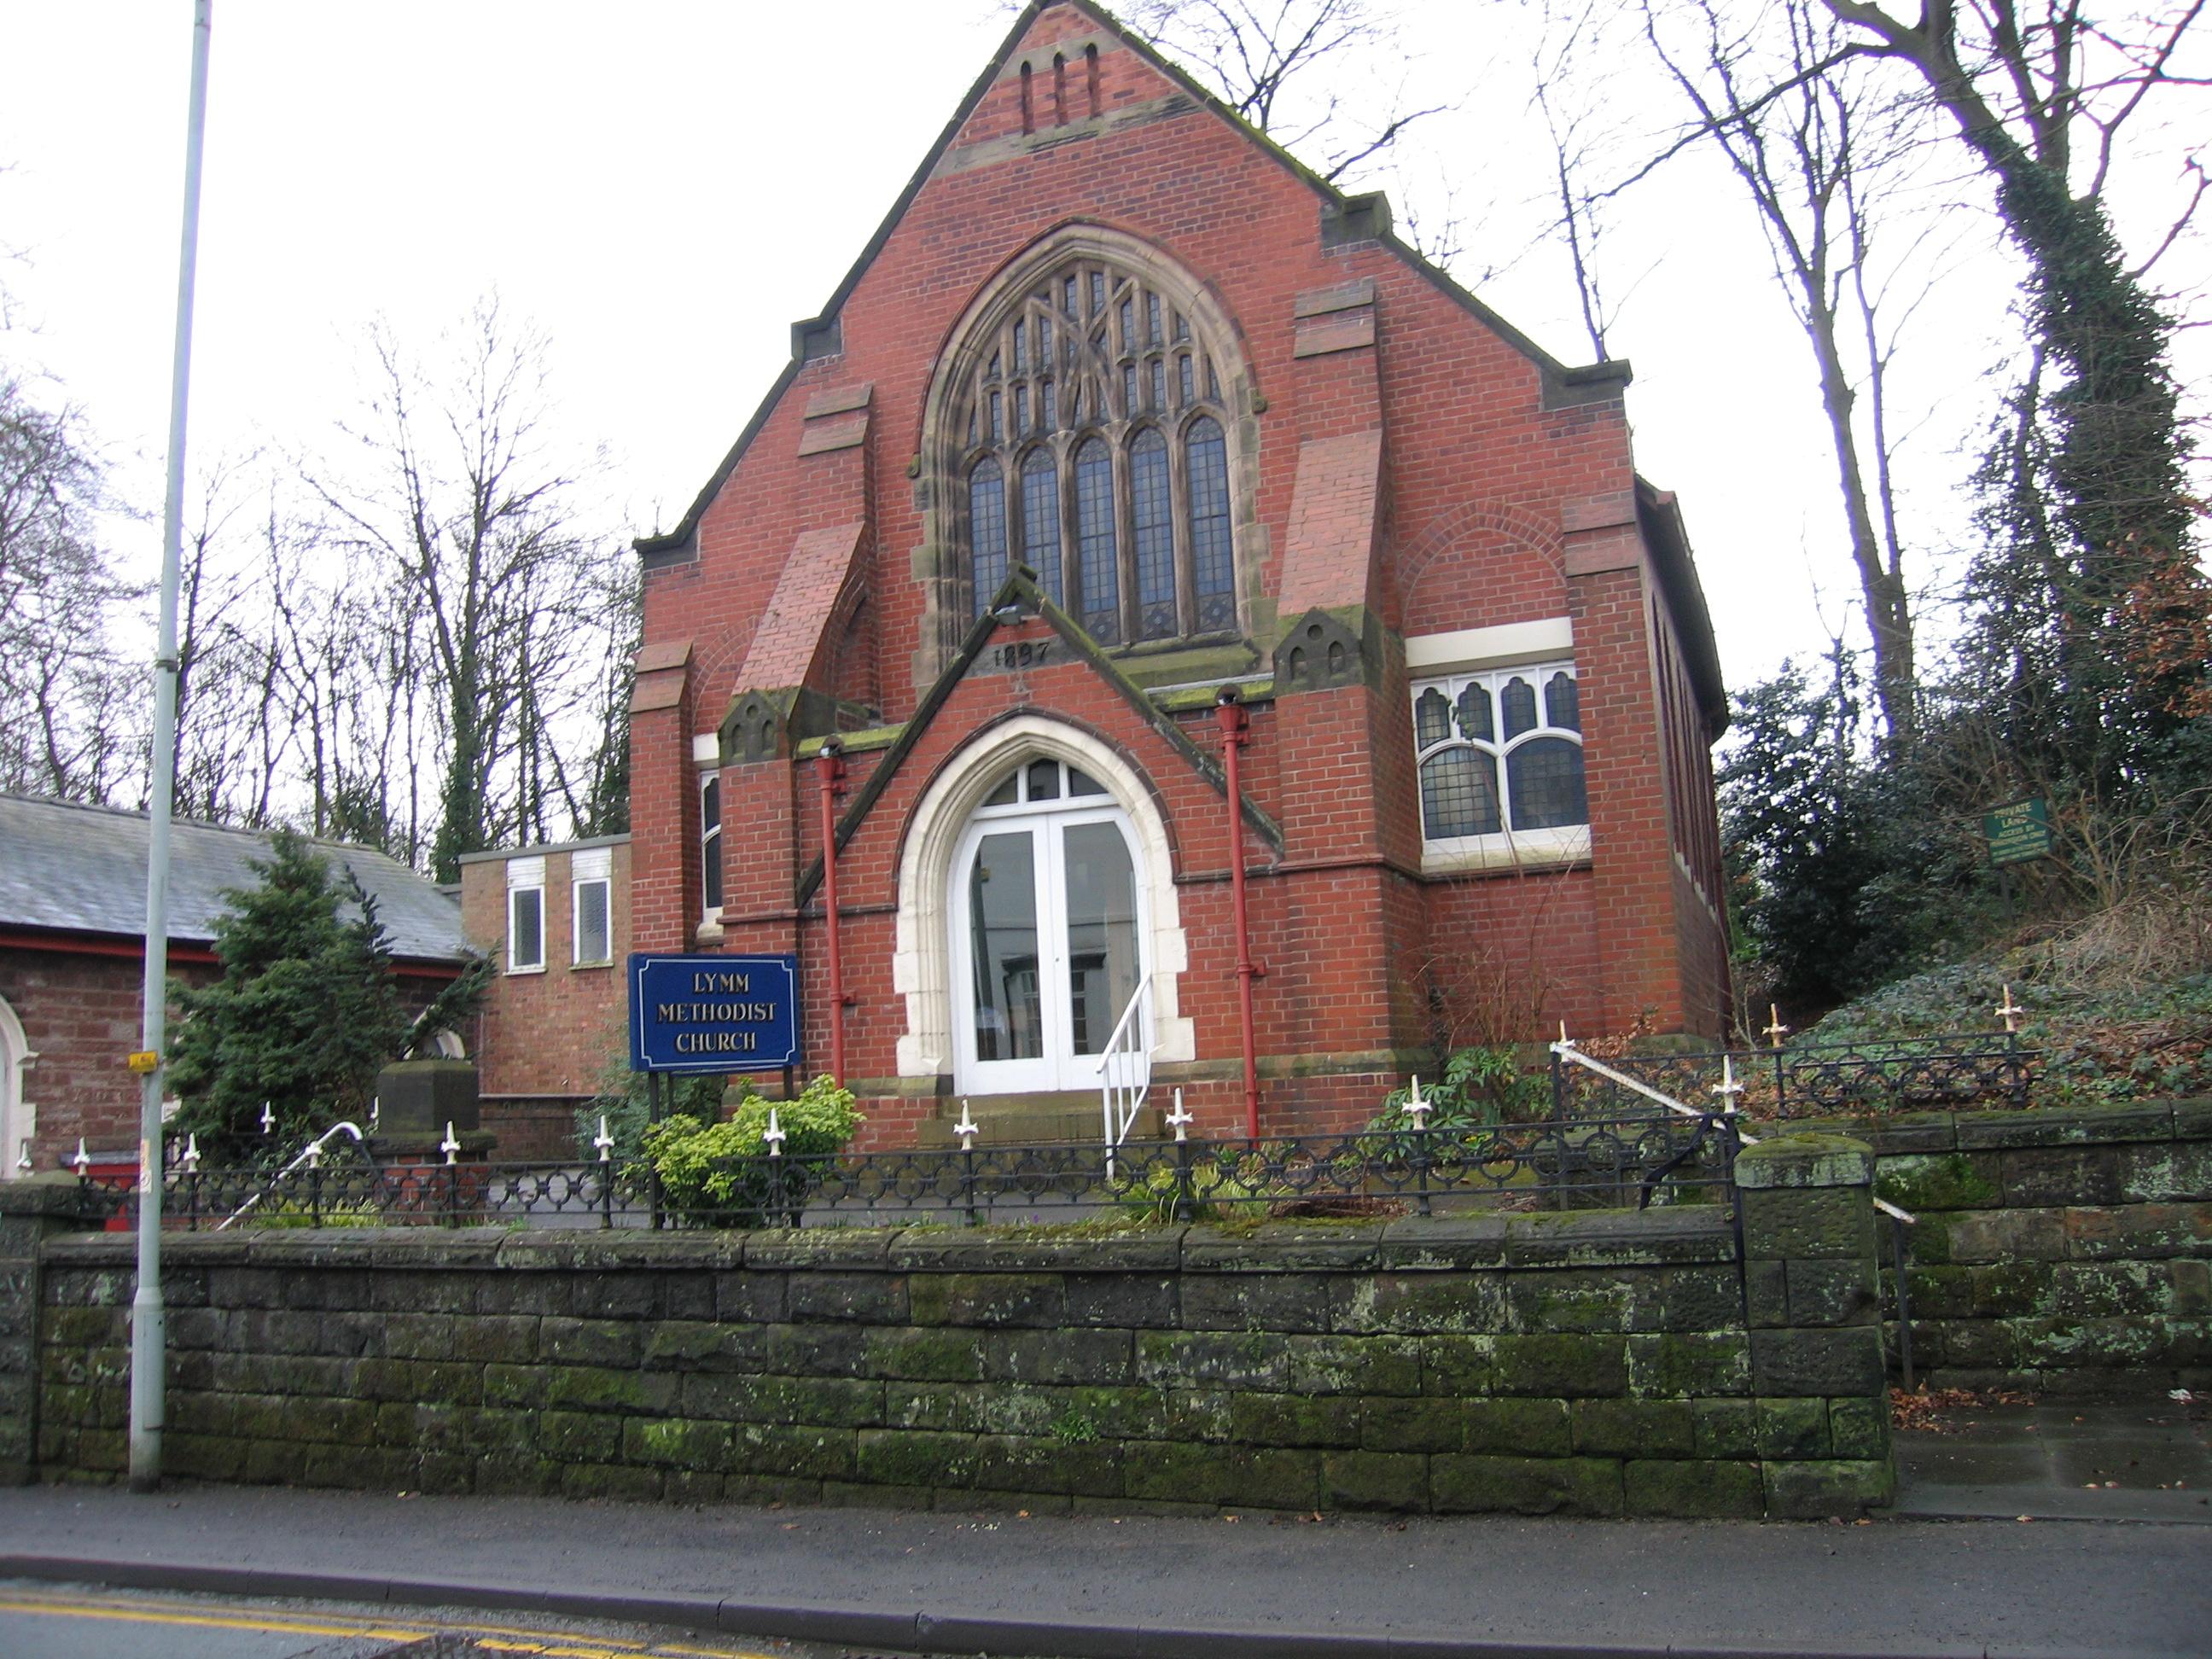 Lymm Methodist Church